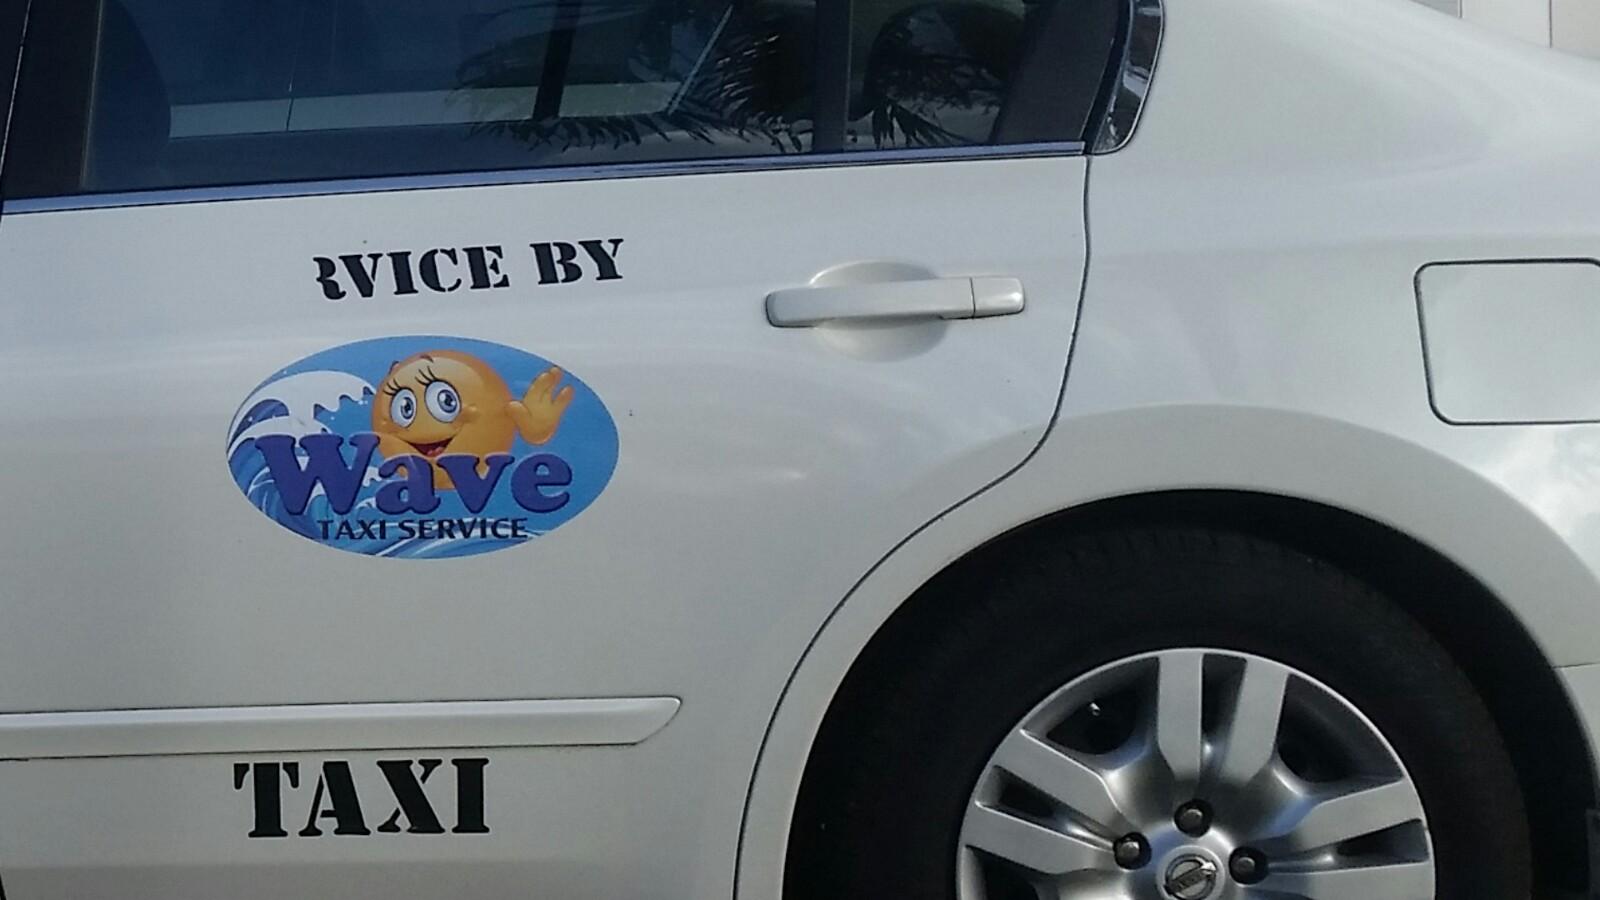 Guam Wave Taxi